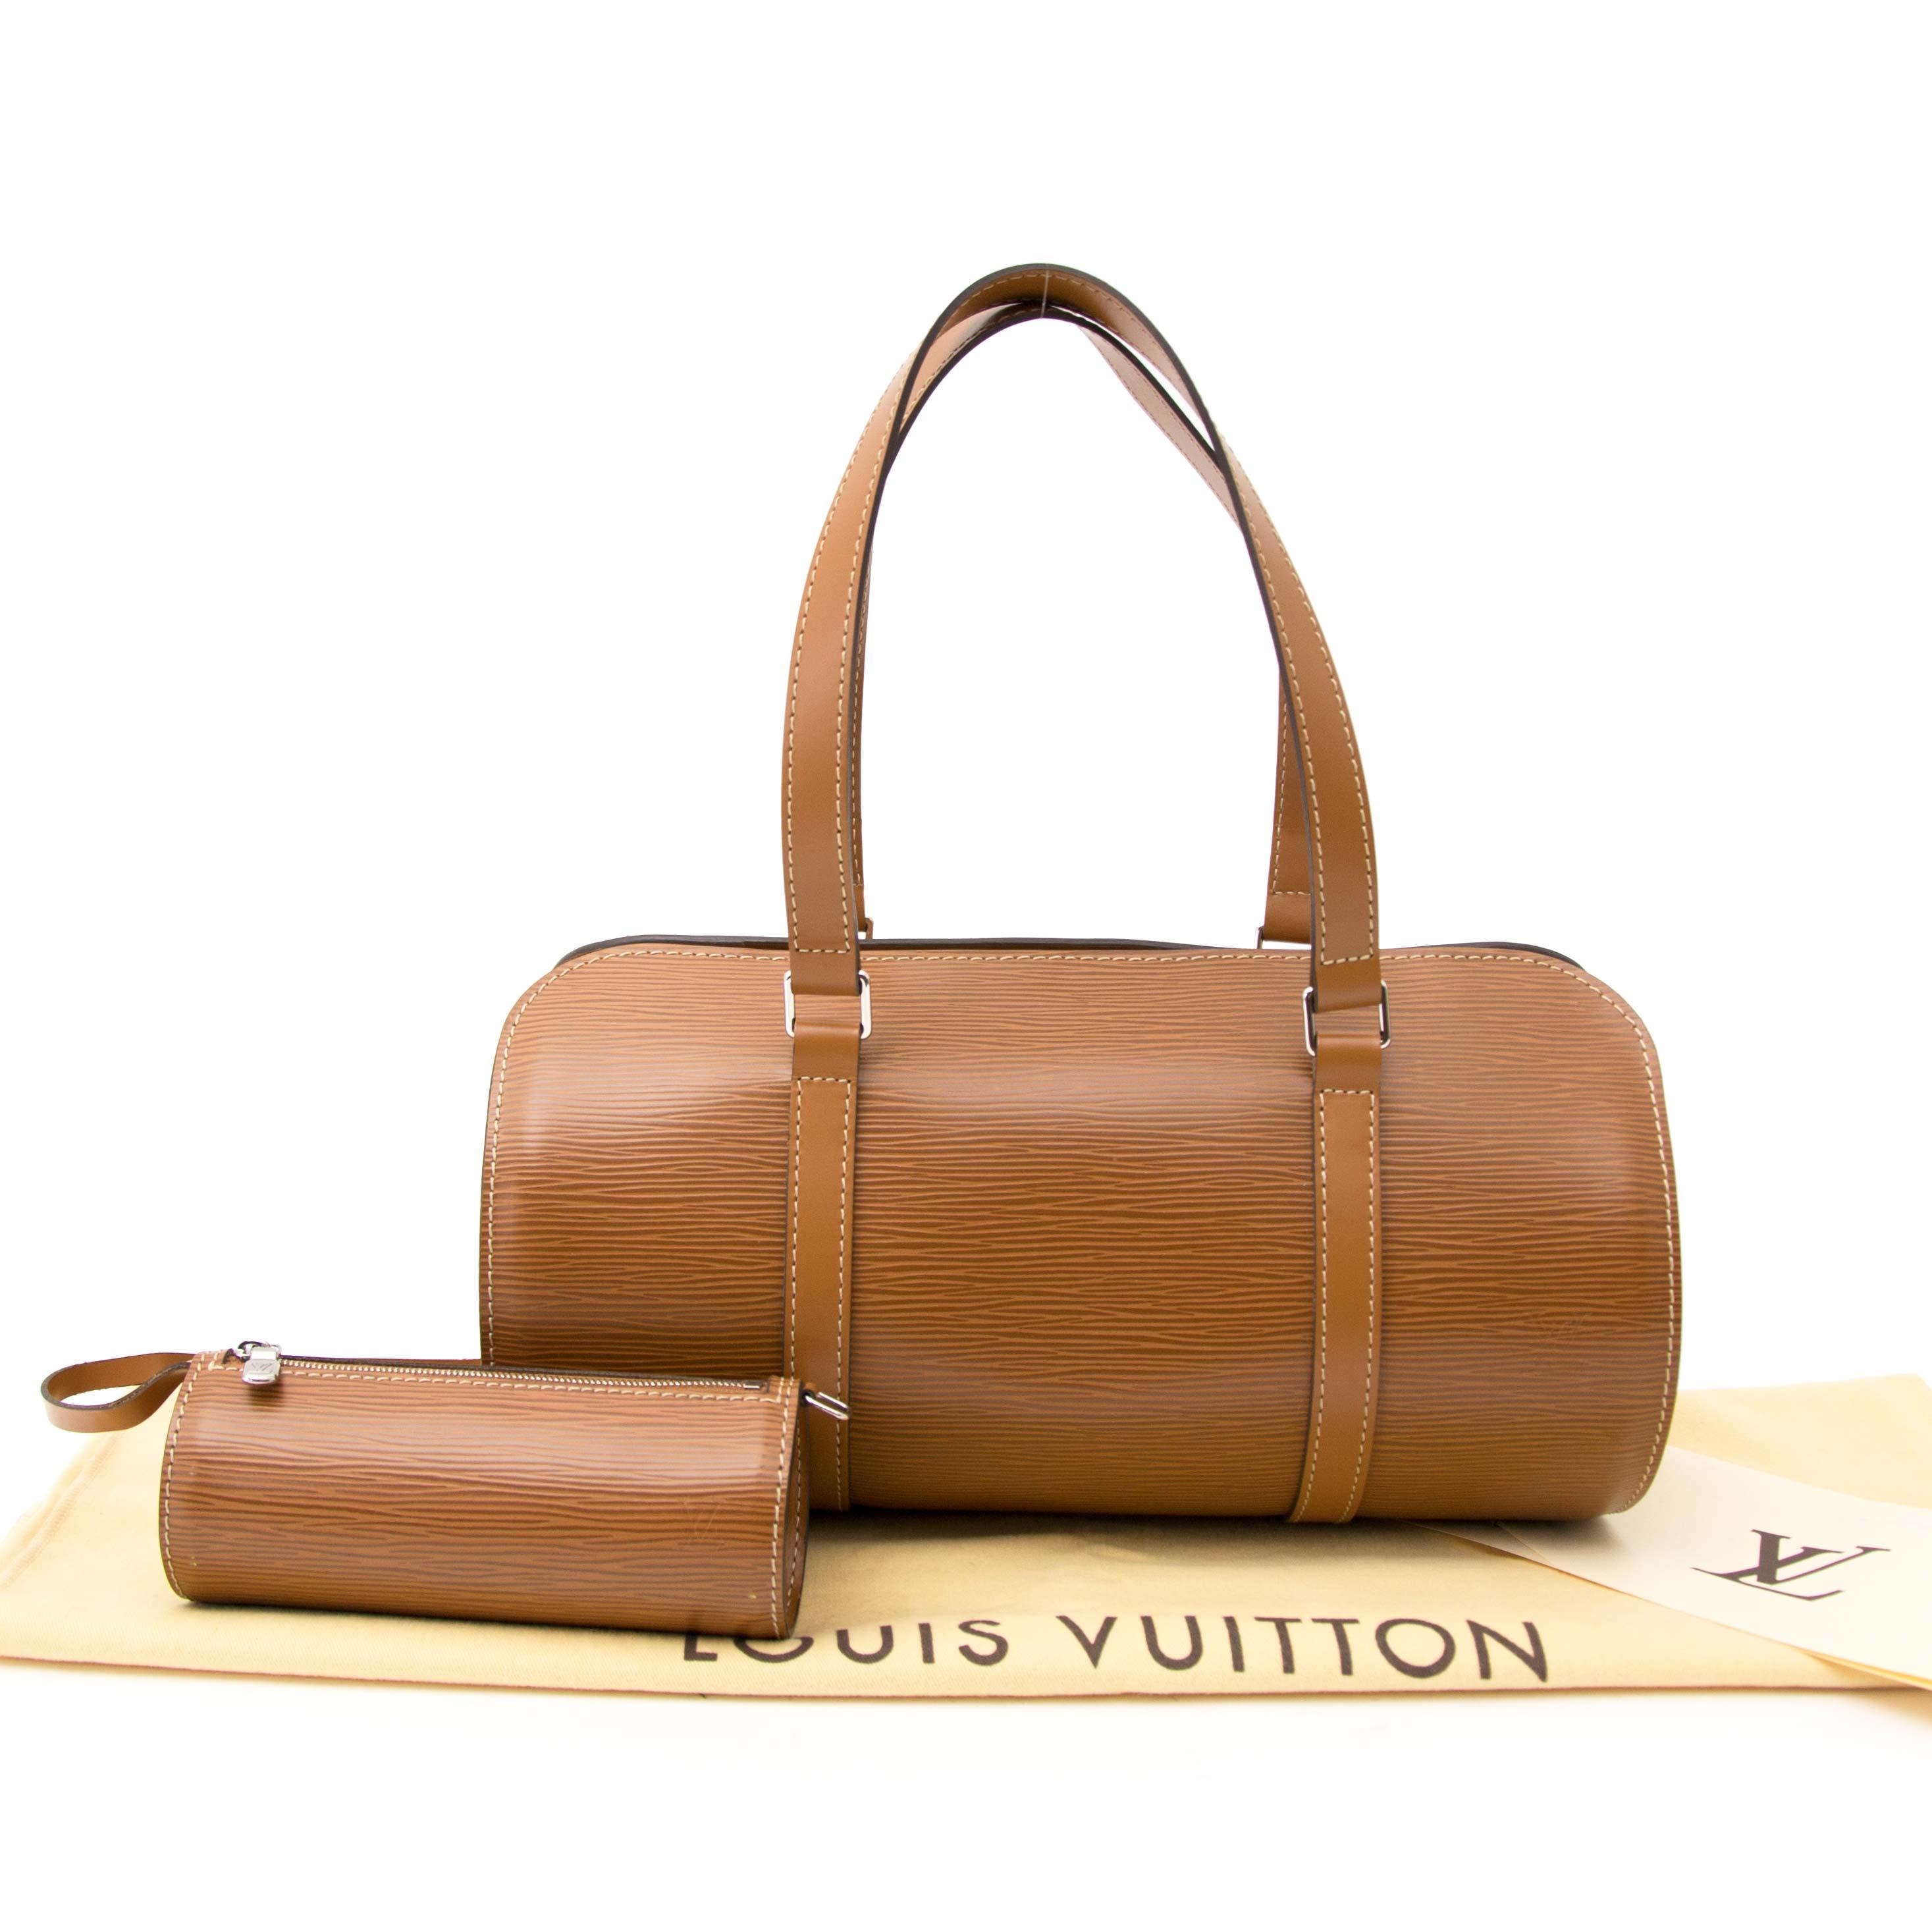 koop uw louis vuitton handtassen bij labellov.com tegen de beste prijs